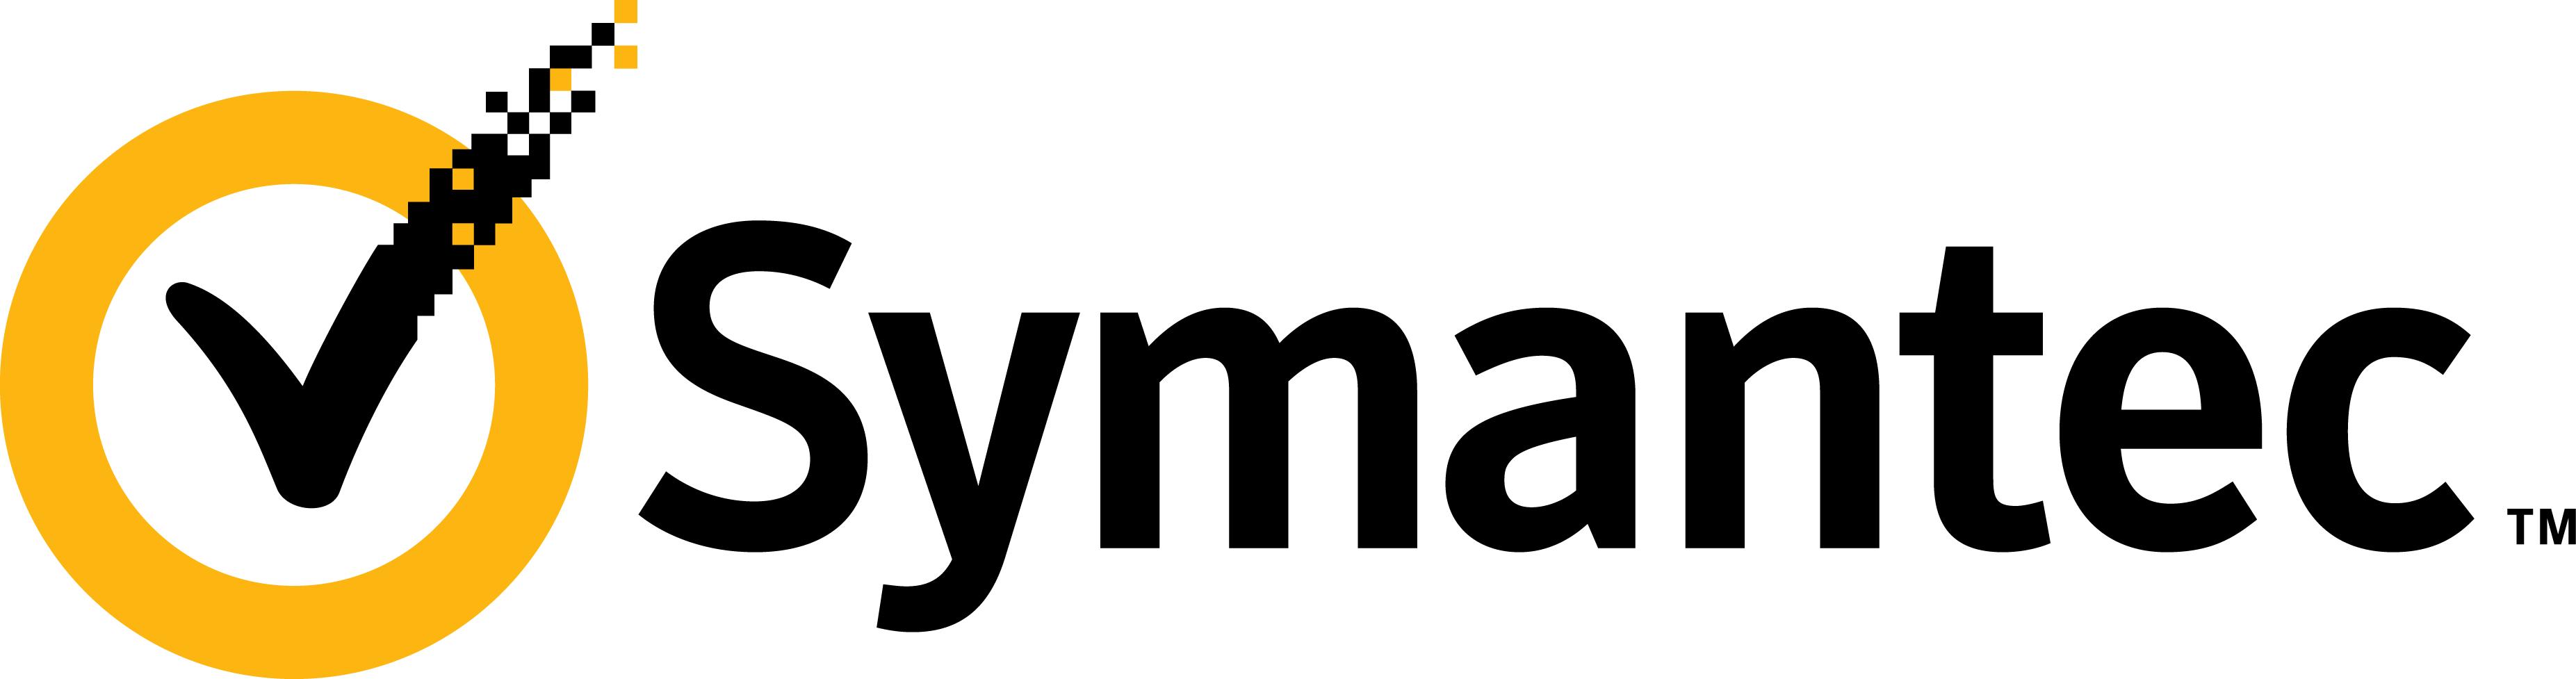 Symantec-Logo-2018